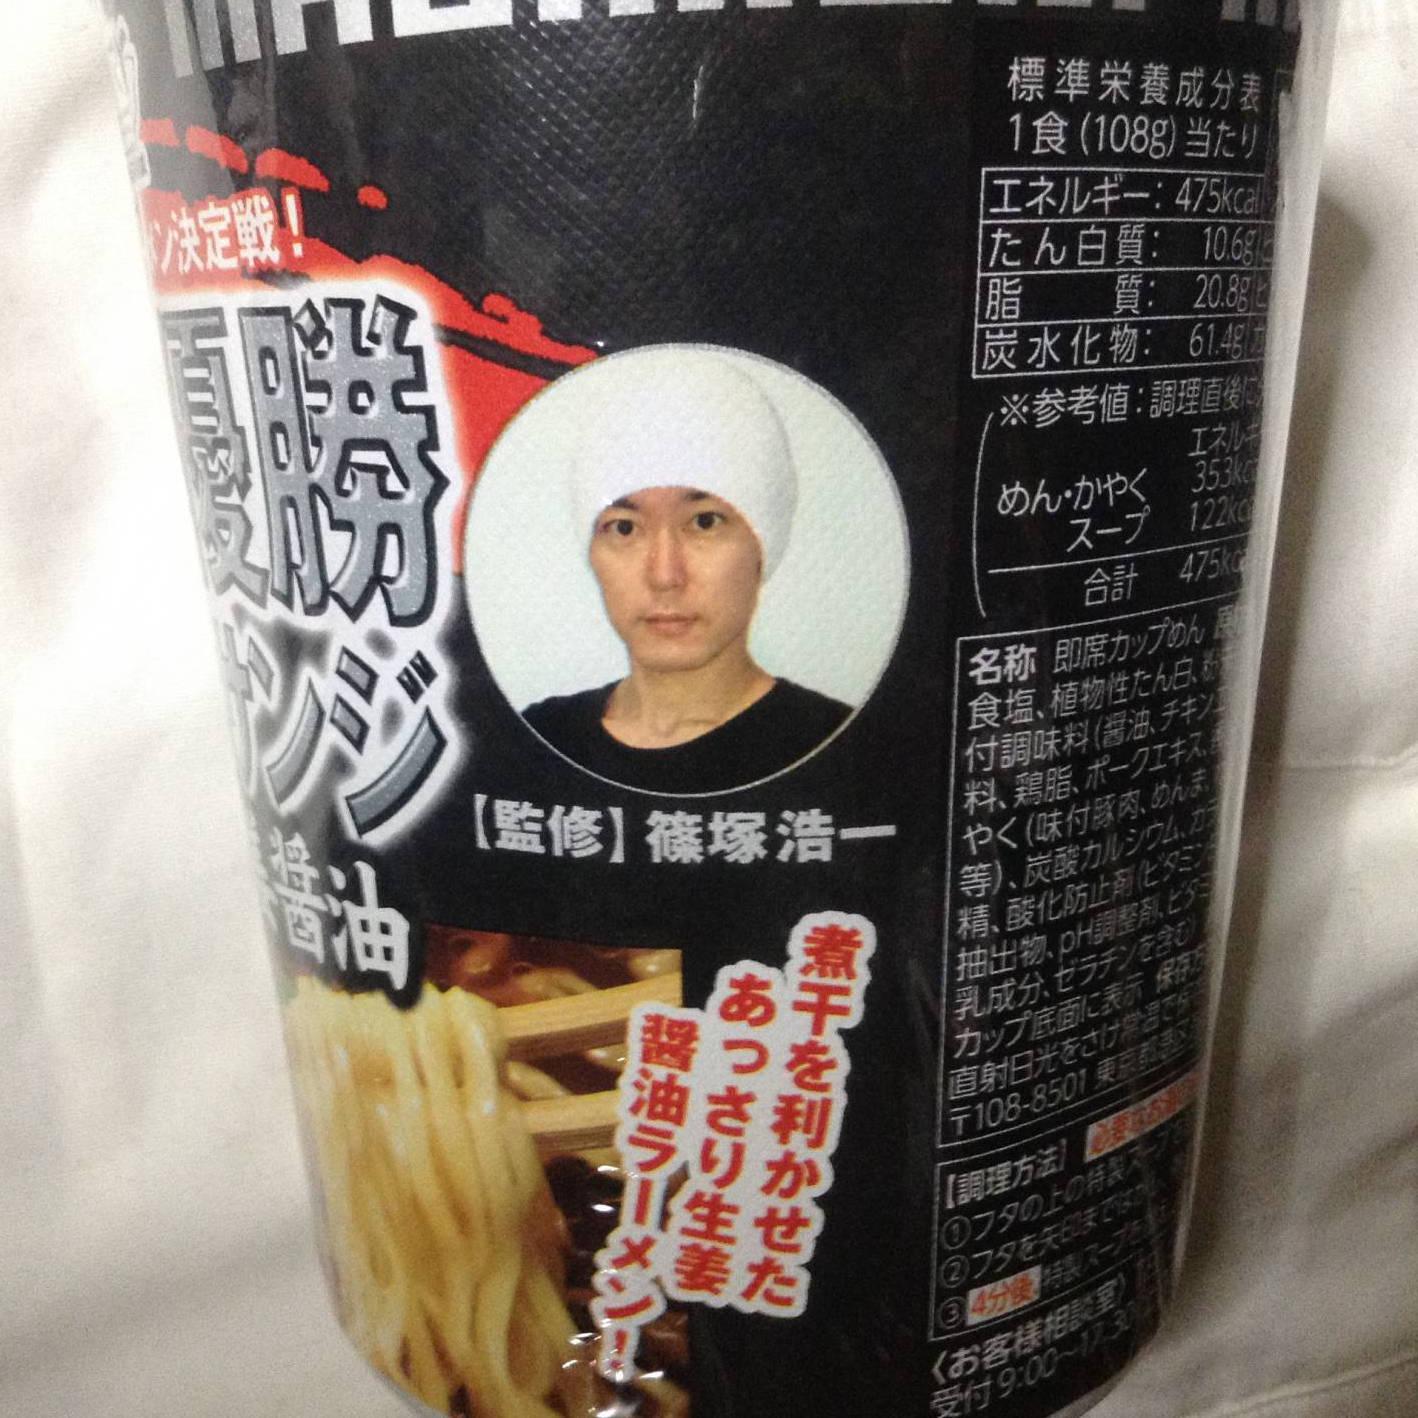 監修:中華そばサンジのカップラーメン煮干し香る生姜醤油 の側面パッケージ